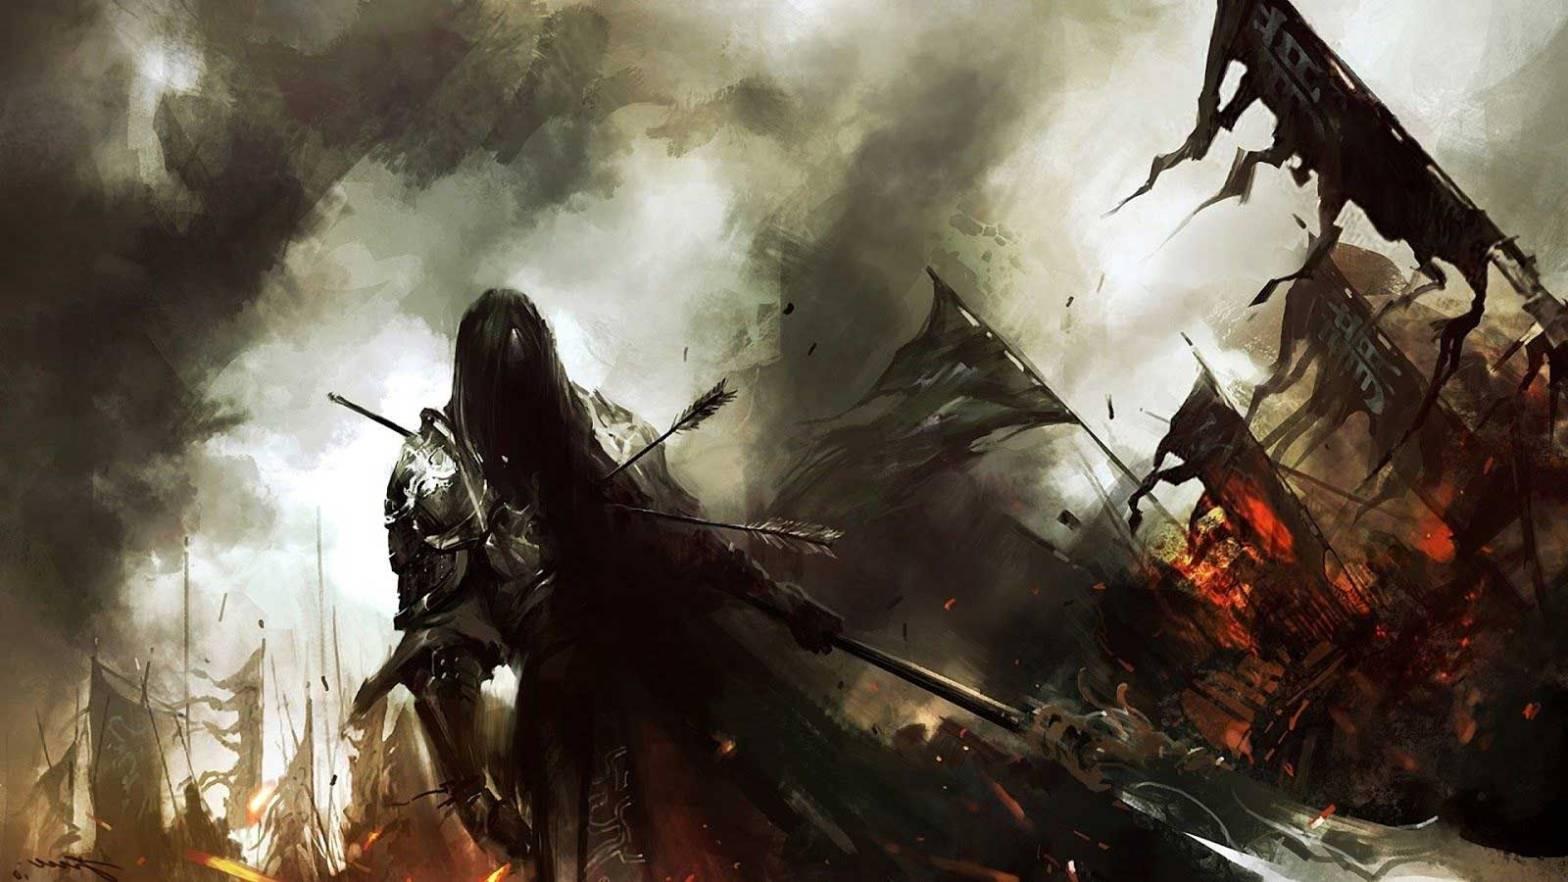 Bataille épique de monde de fantasy